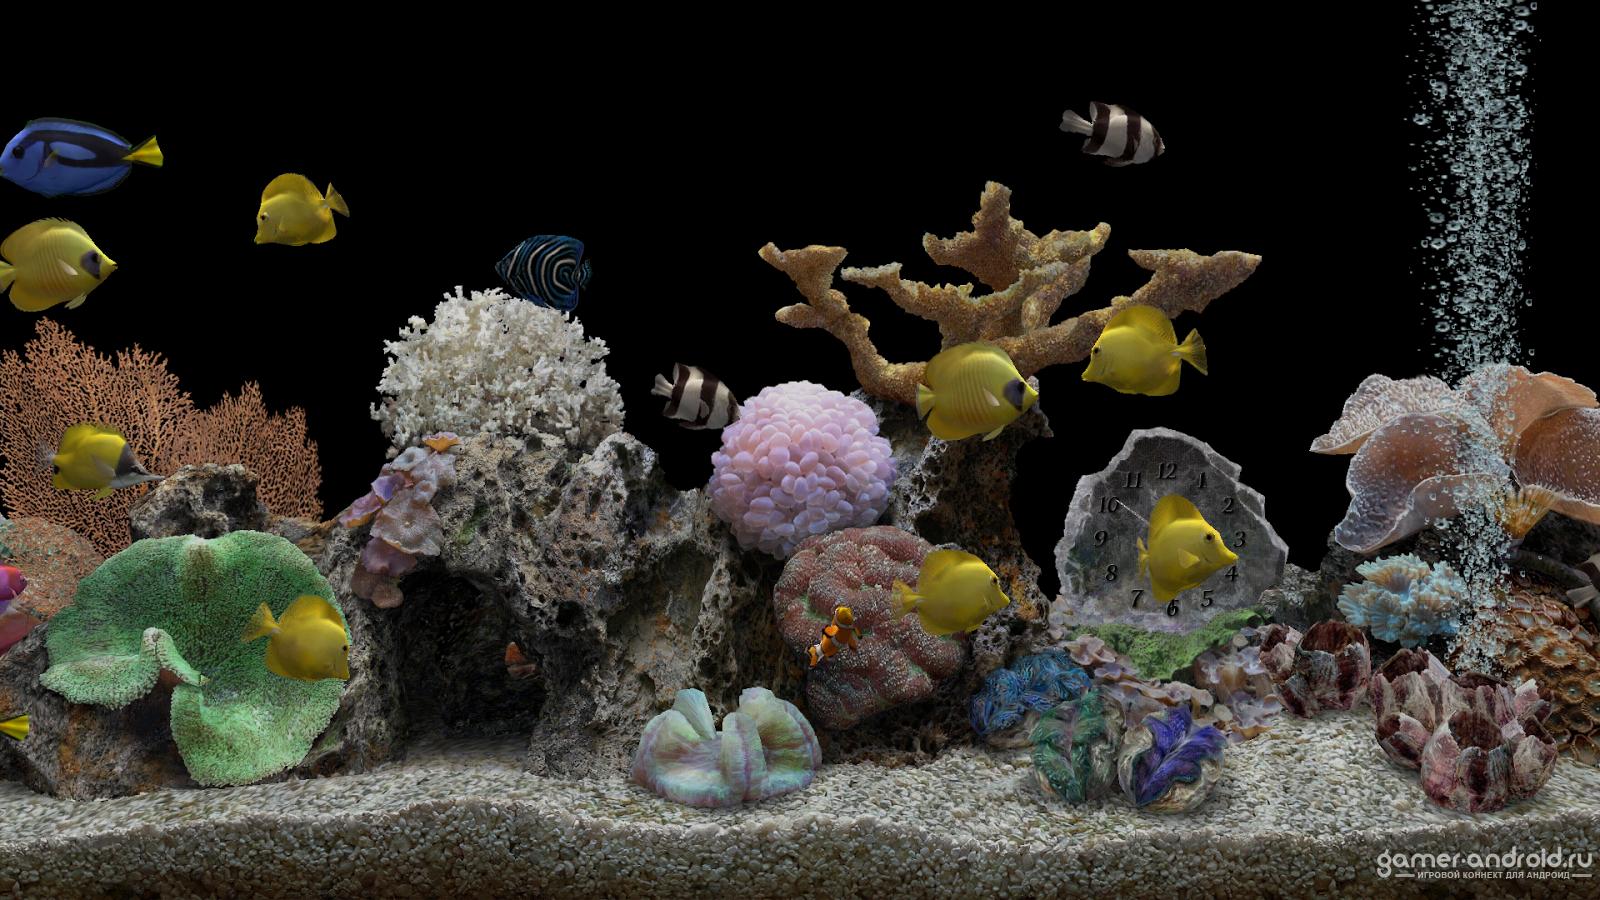 Обои аквариум на рабочий стол скачать